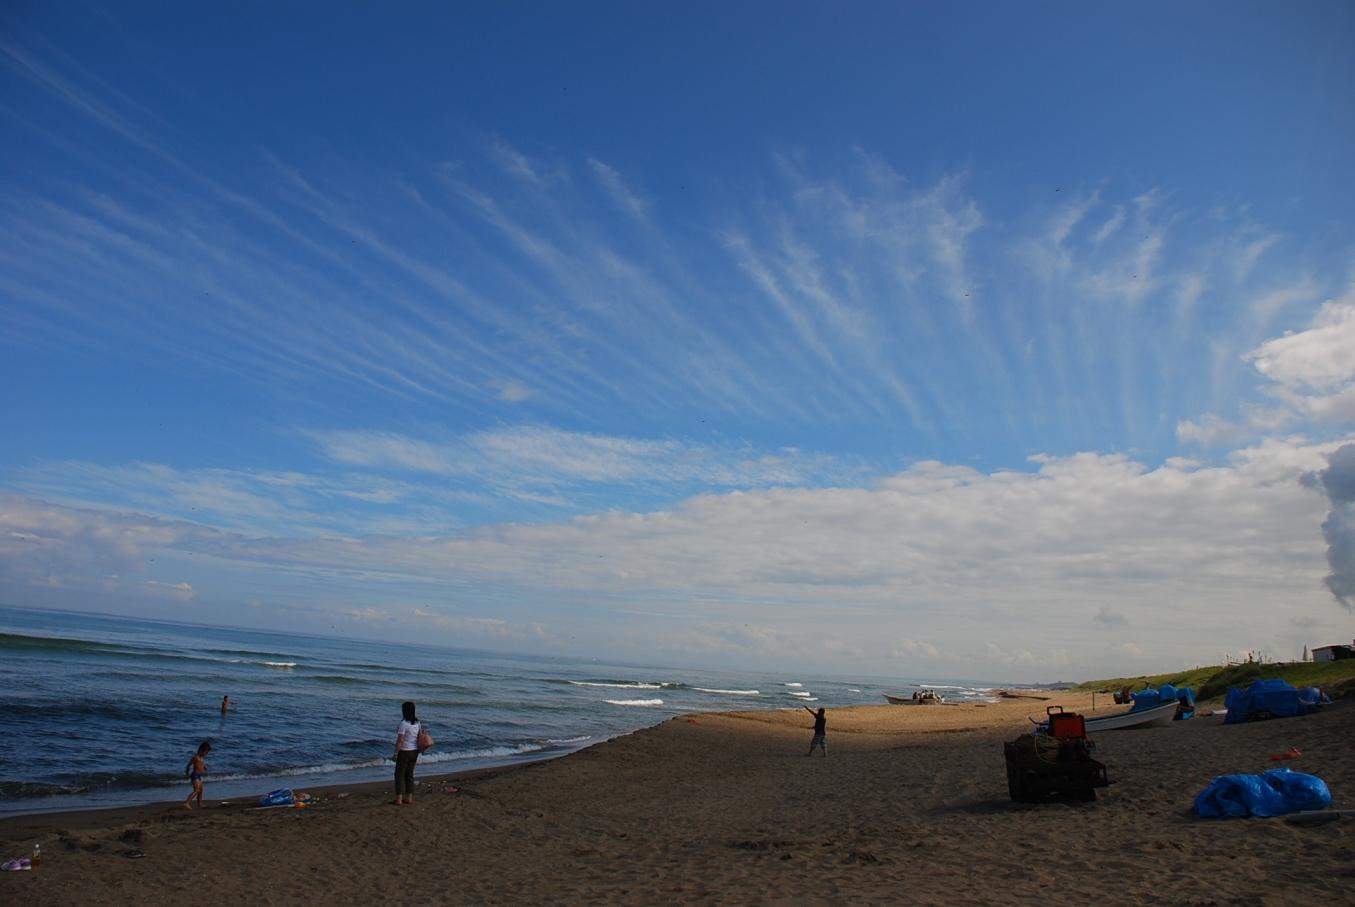 筋雲と海岸